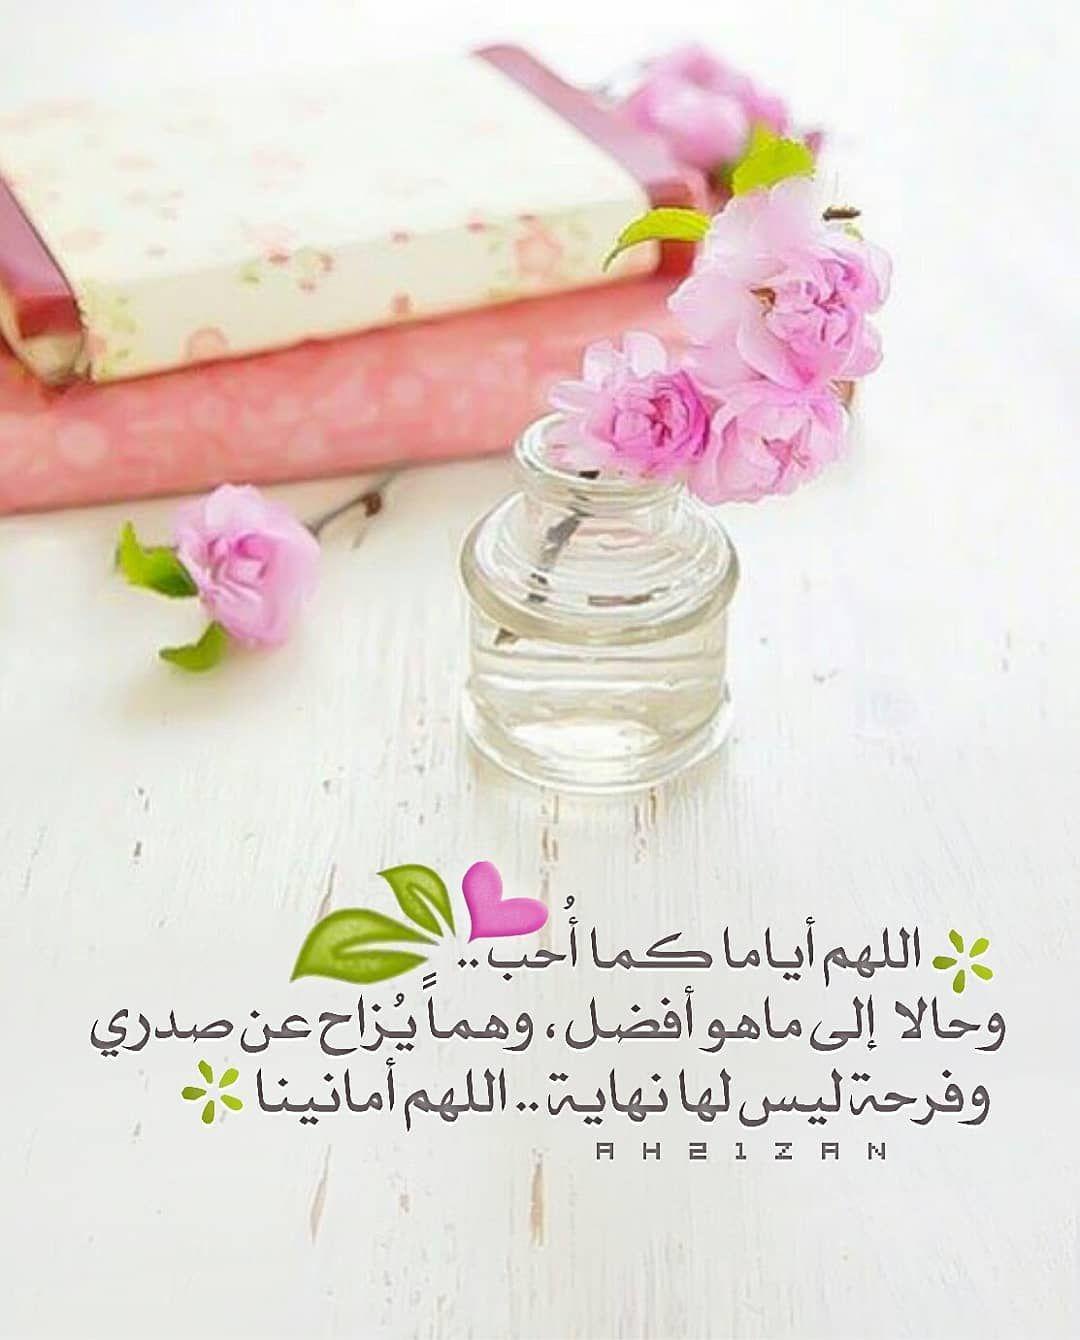 اذ ڪر و ا ال ل هـ On Instagram اللهم أياما كما أ حب وحالا إلى ماهو أفضل وهما ي زا Beautiful Quran Quotes Beautiful Morning Icing